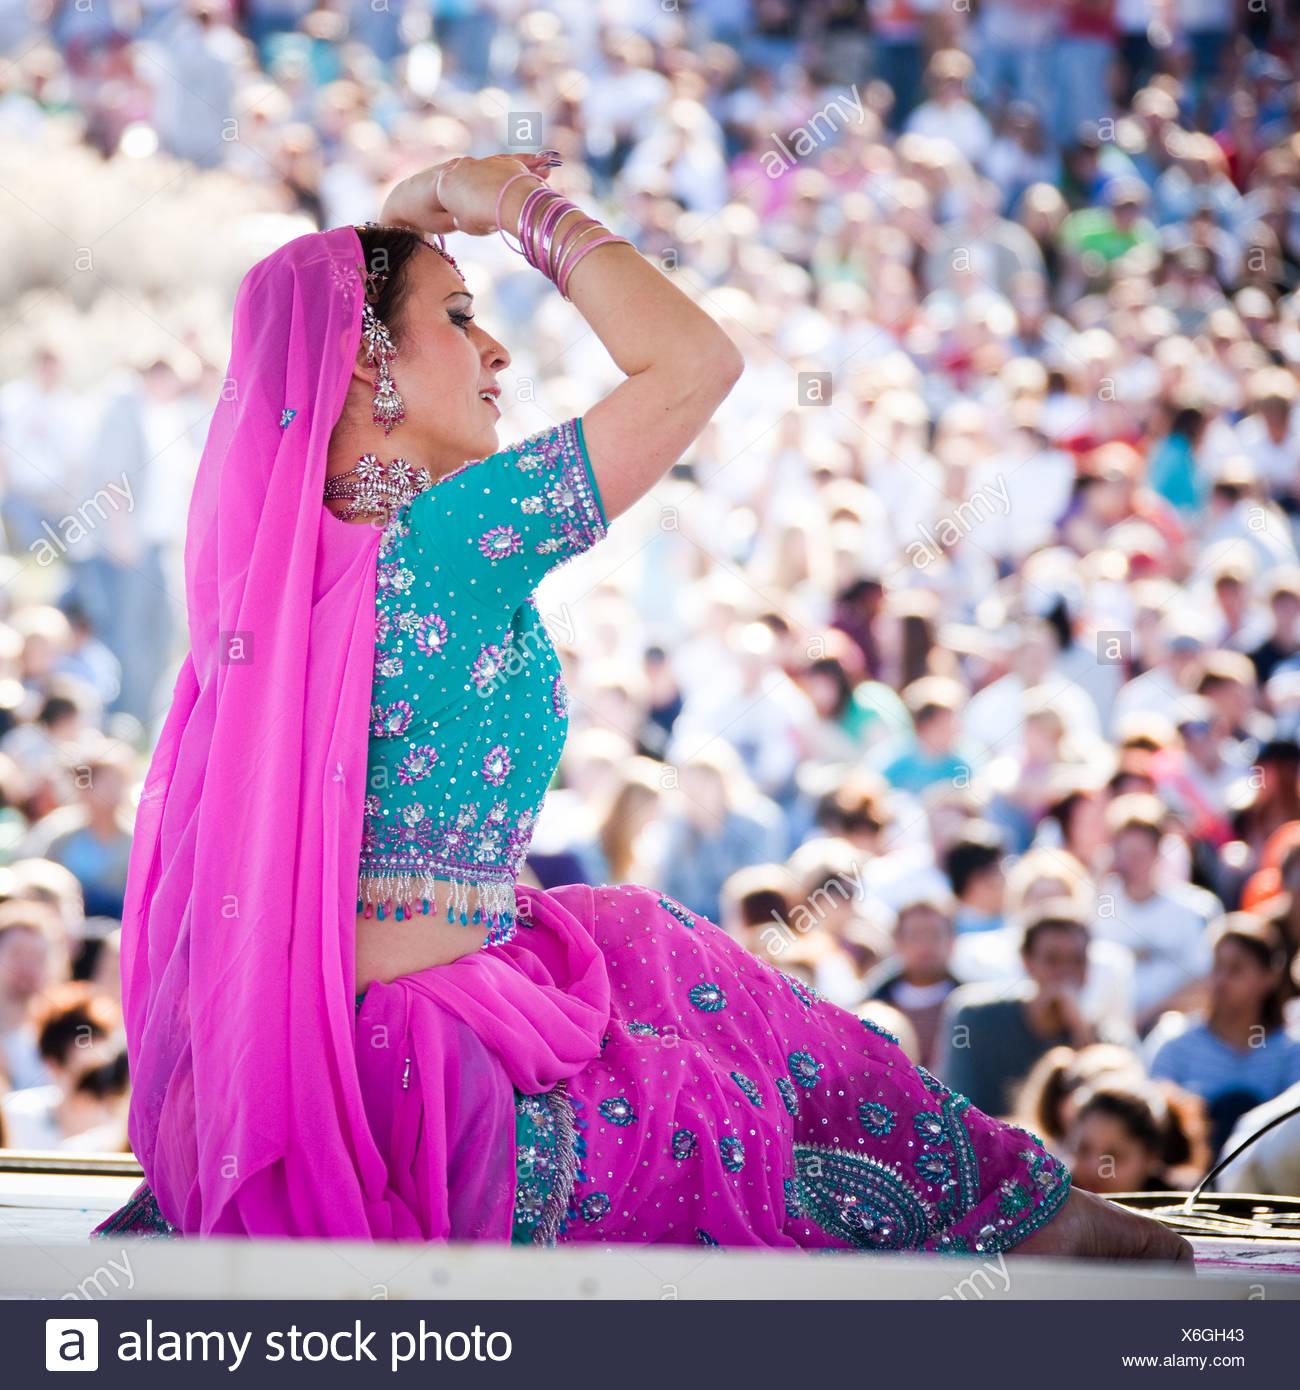 Stati Uniti d'America, Utah, Spagnolo forcella, metà adulto ballerino in abbigliamento tradizionale di eseguire sul palco Immagini Stock